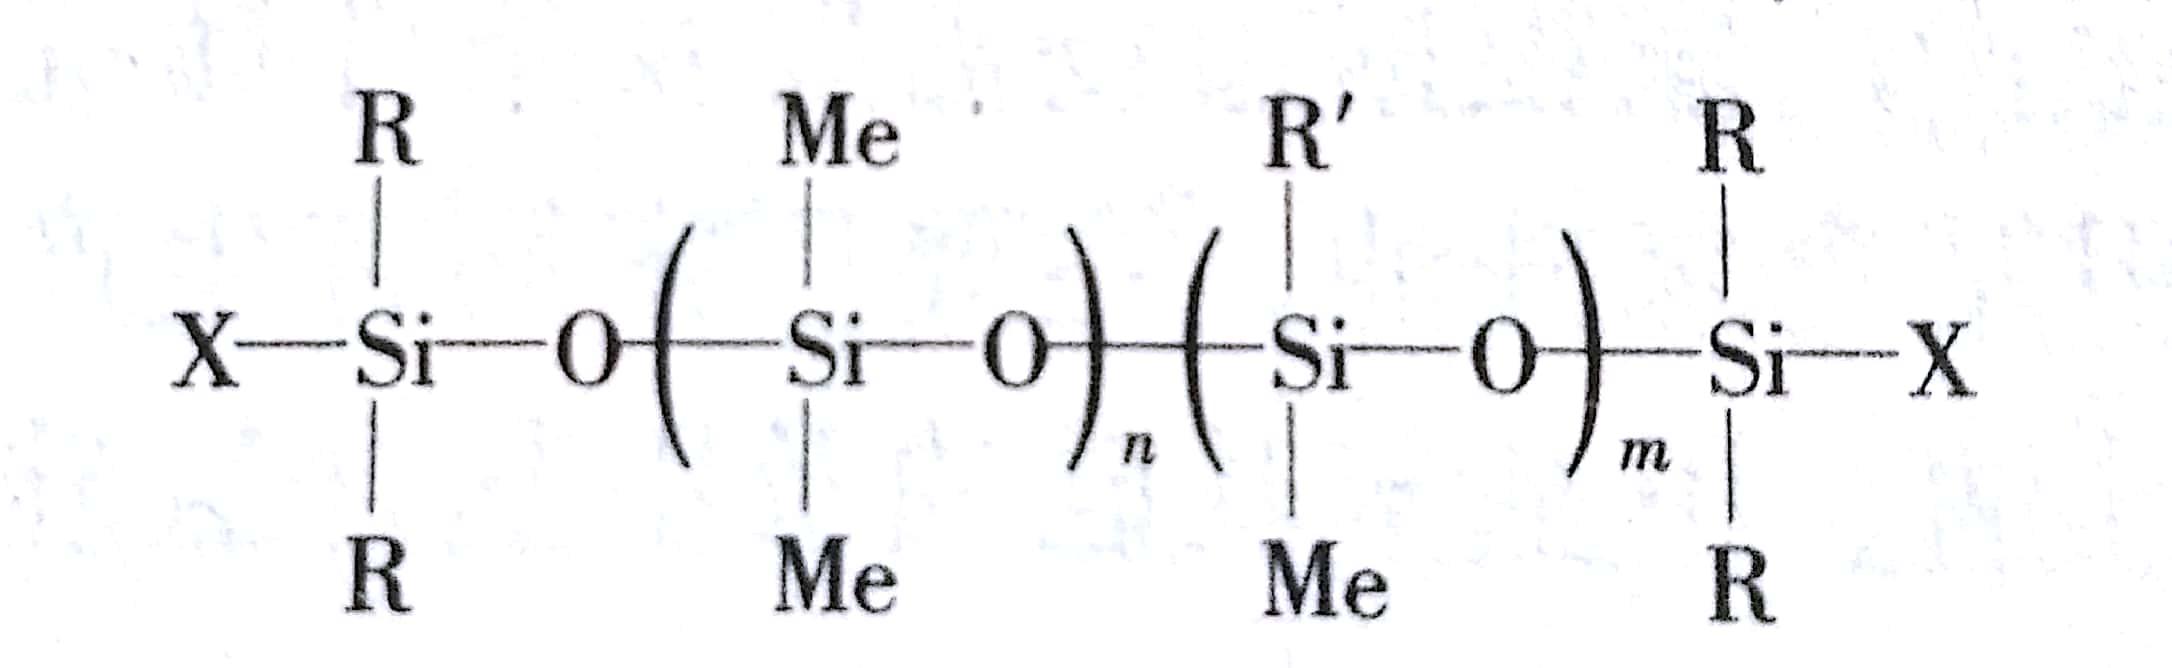 硅油结构式.jpg